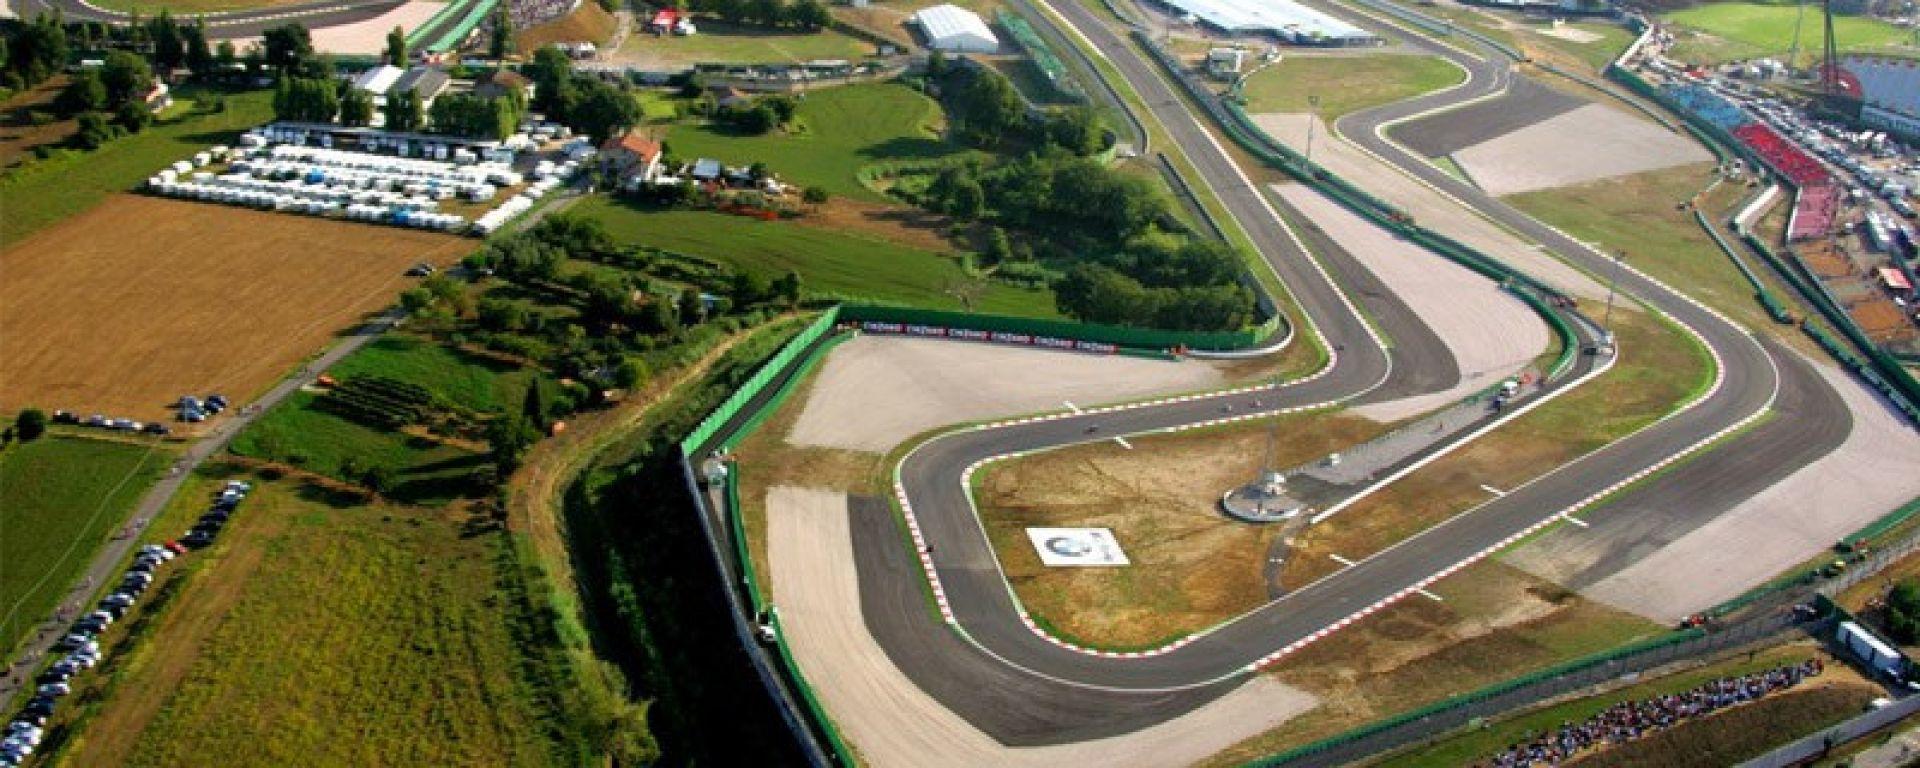 MotoGP Rimini e San Marino: Prove libere, qualifiche, risultati gara